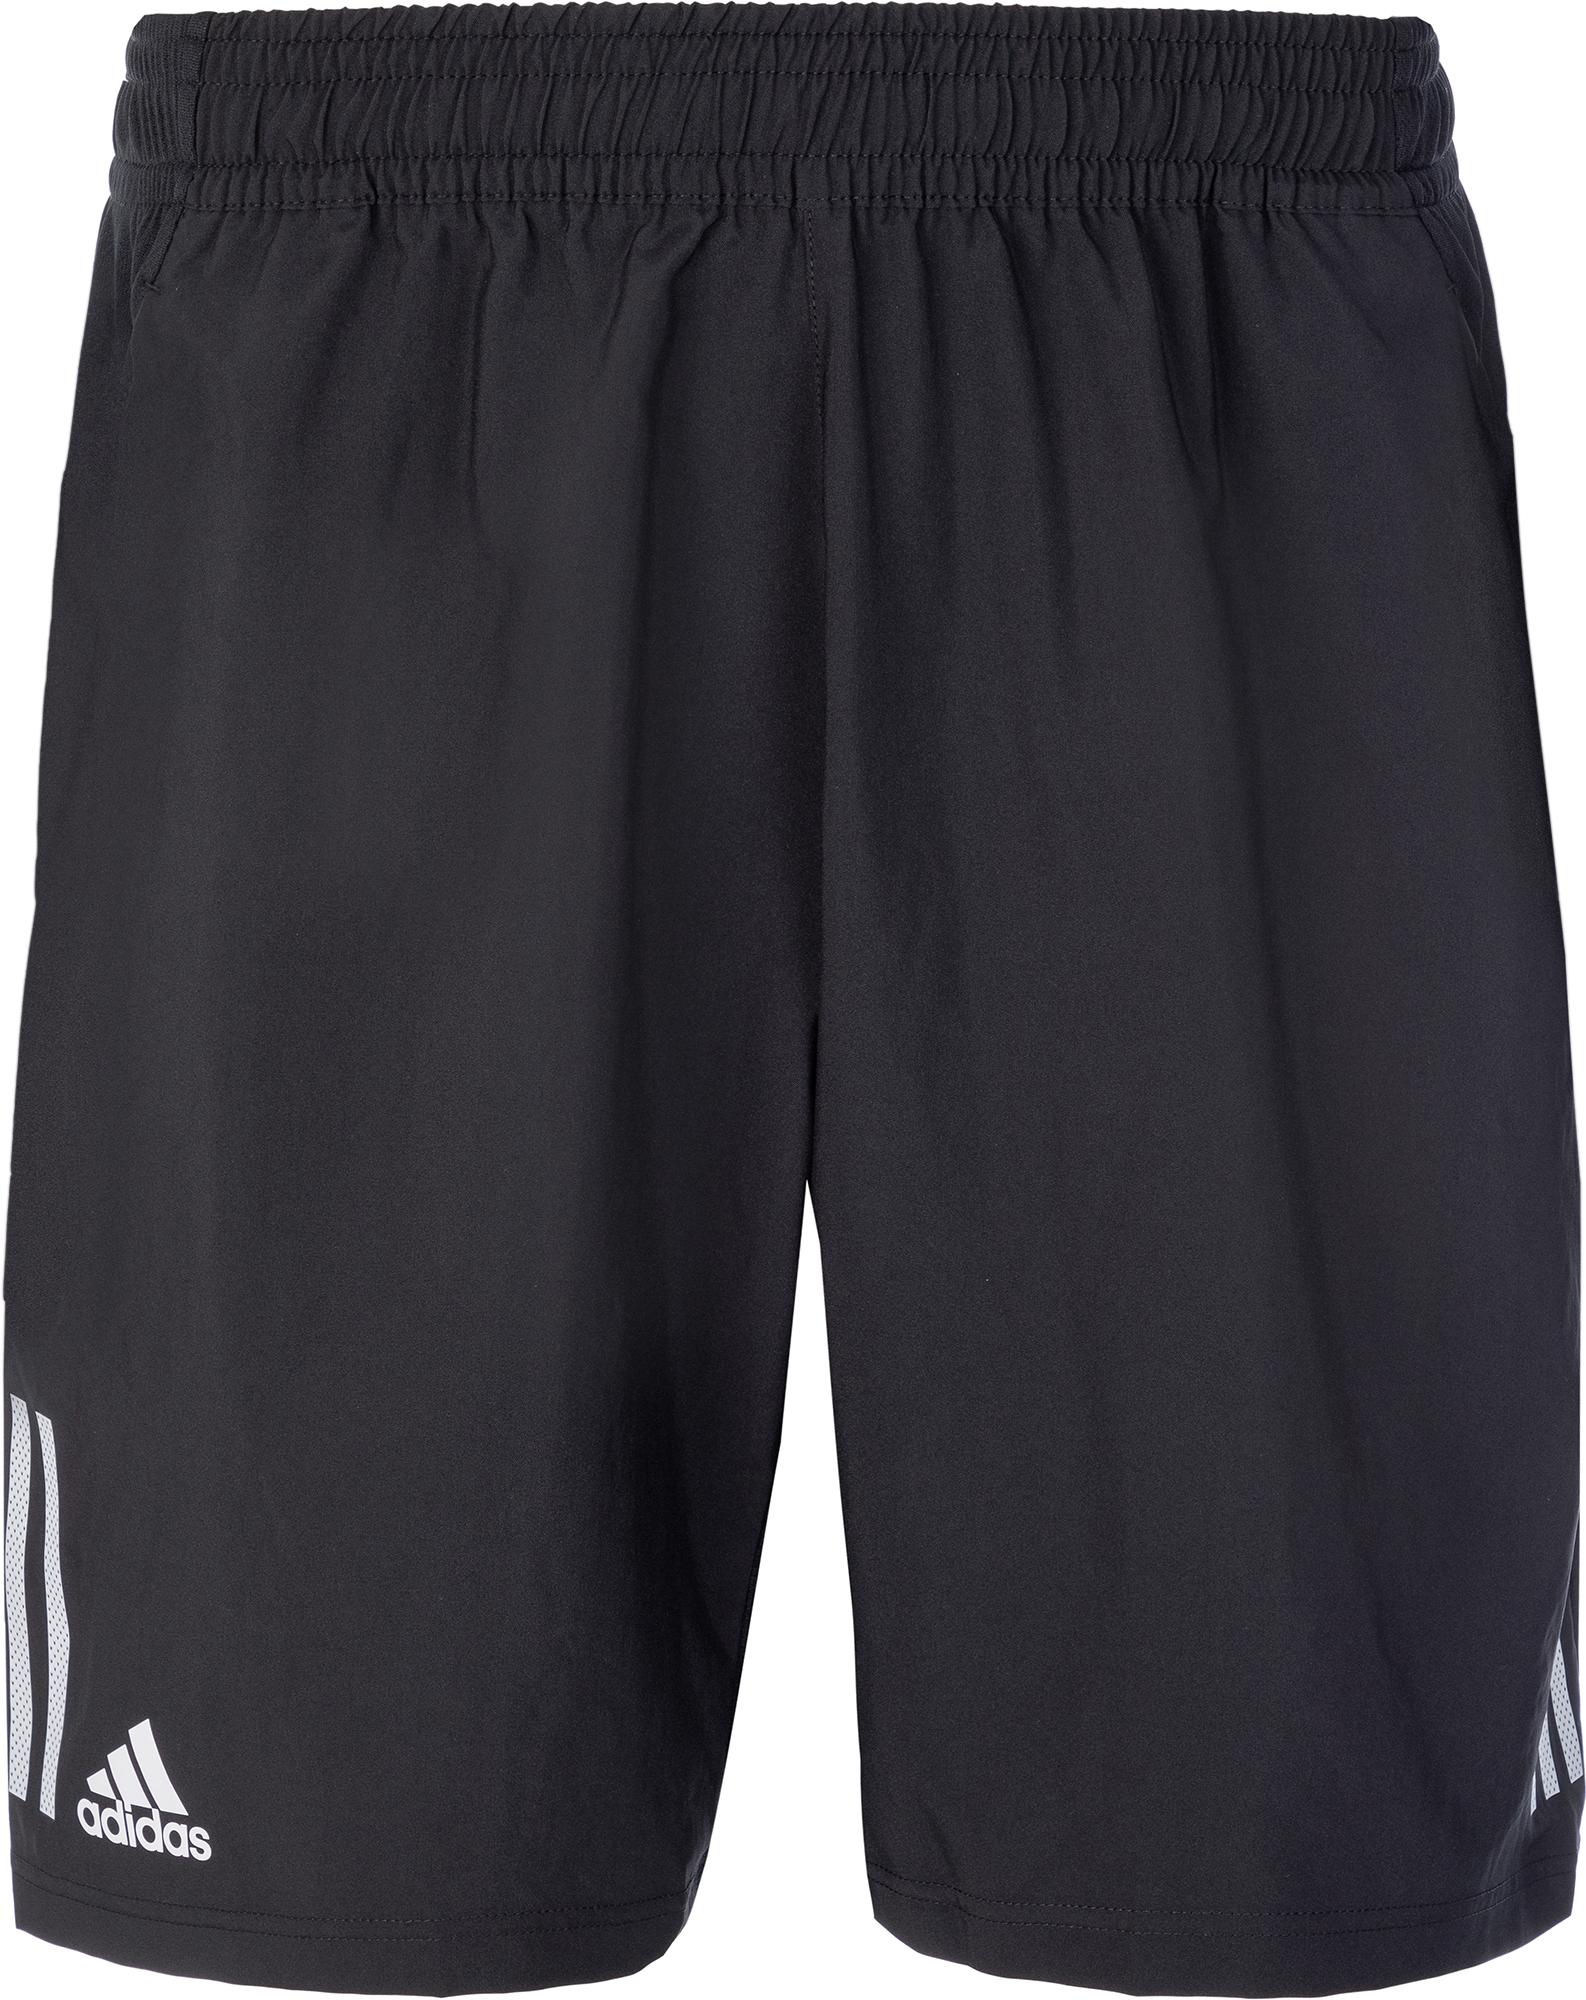 Adidas Шорты мужские Adidas 3-Stripes 9-Inch, размер 54